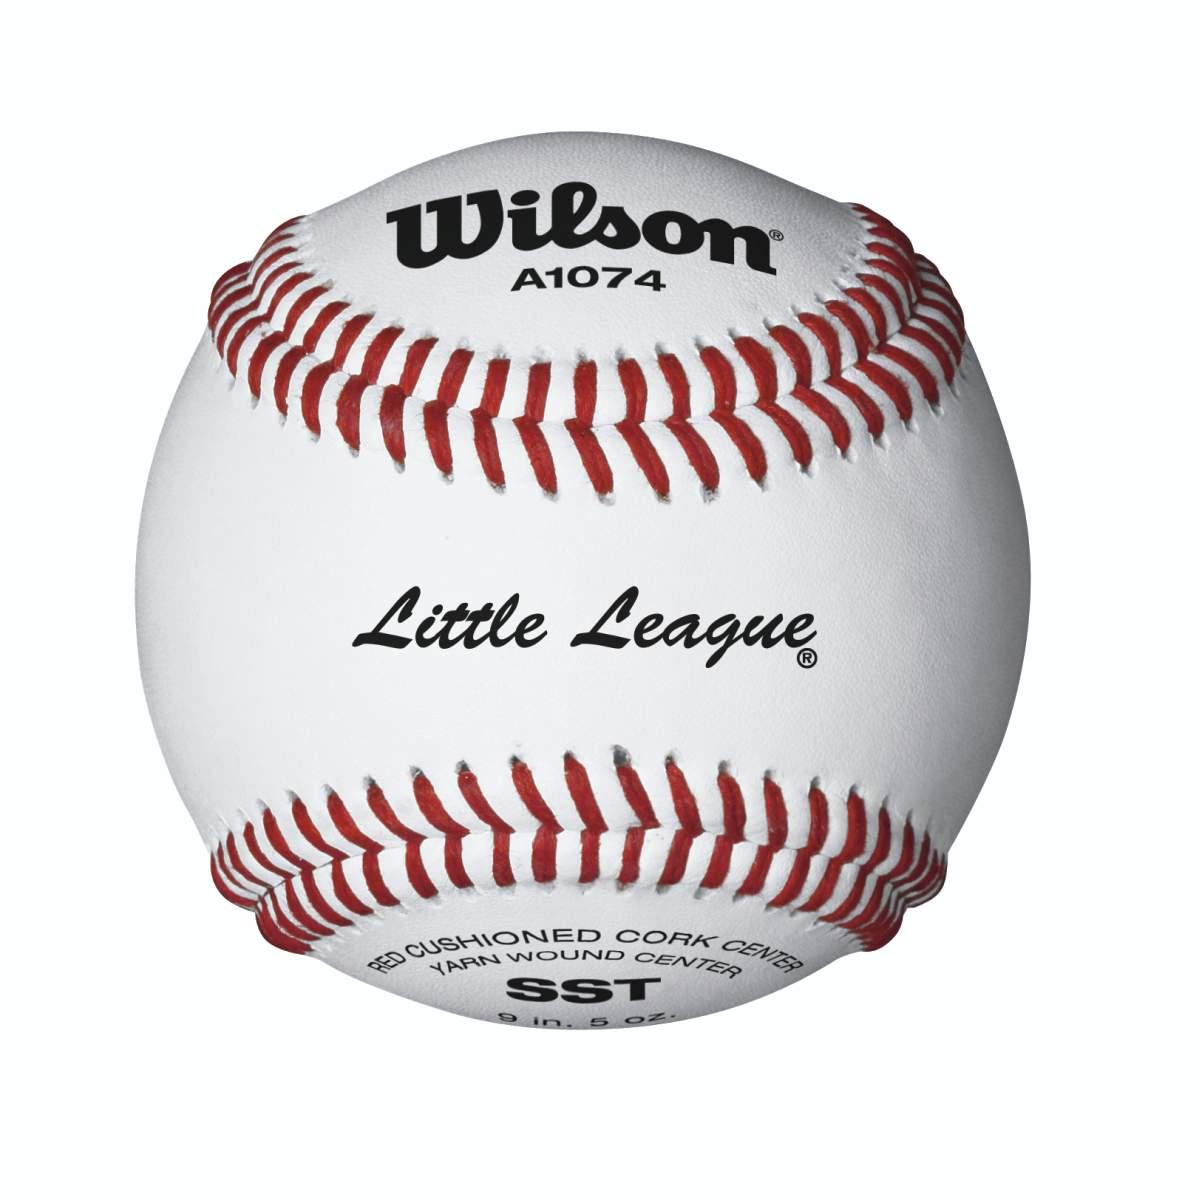 Baseball Equipment - Wilson Baseball